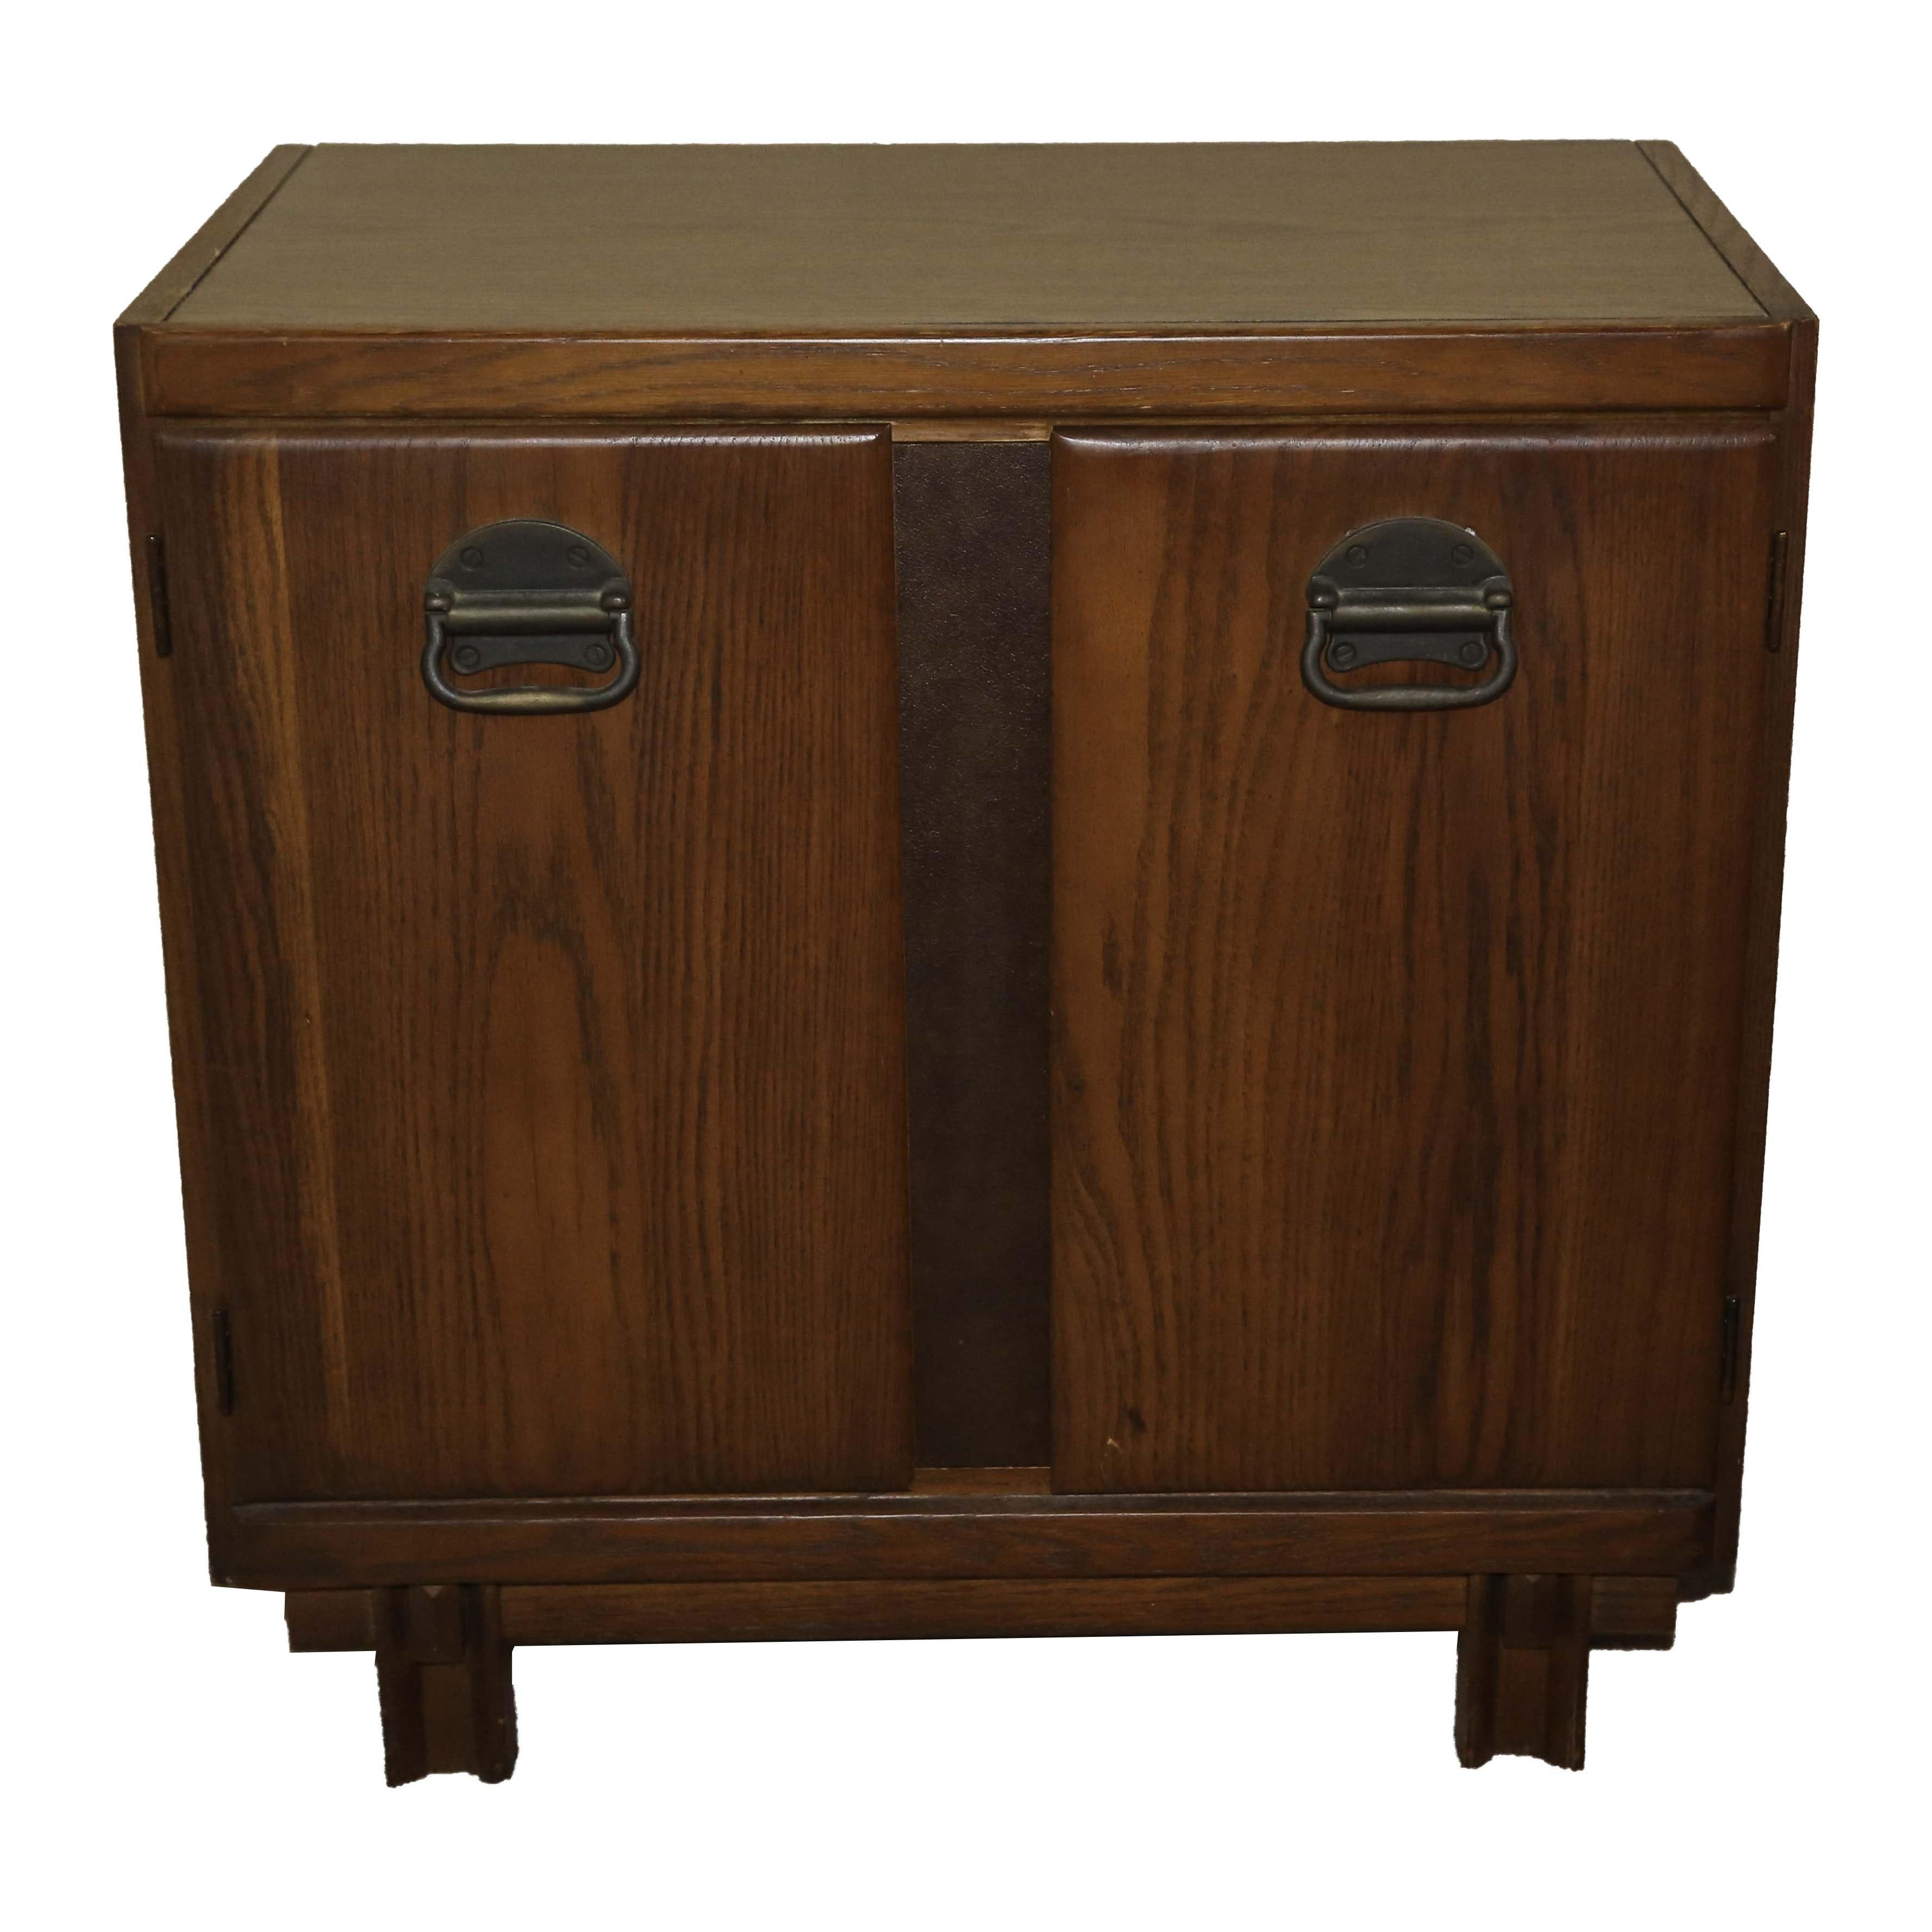 Kroehler Cabinet